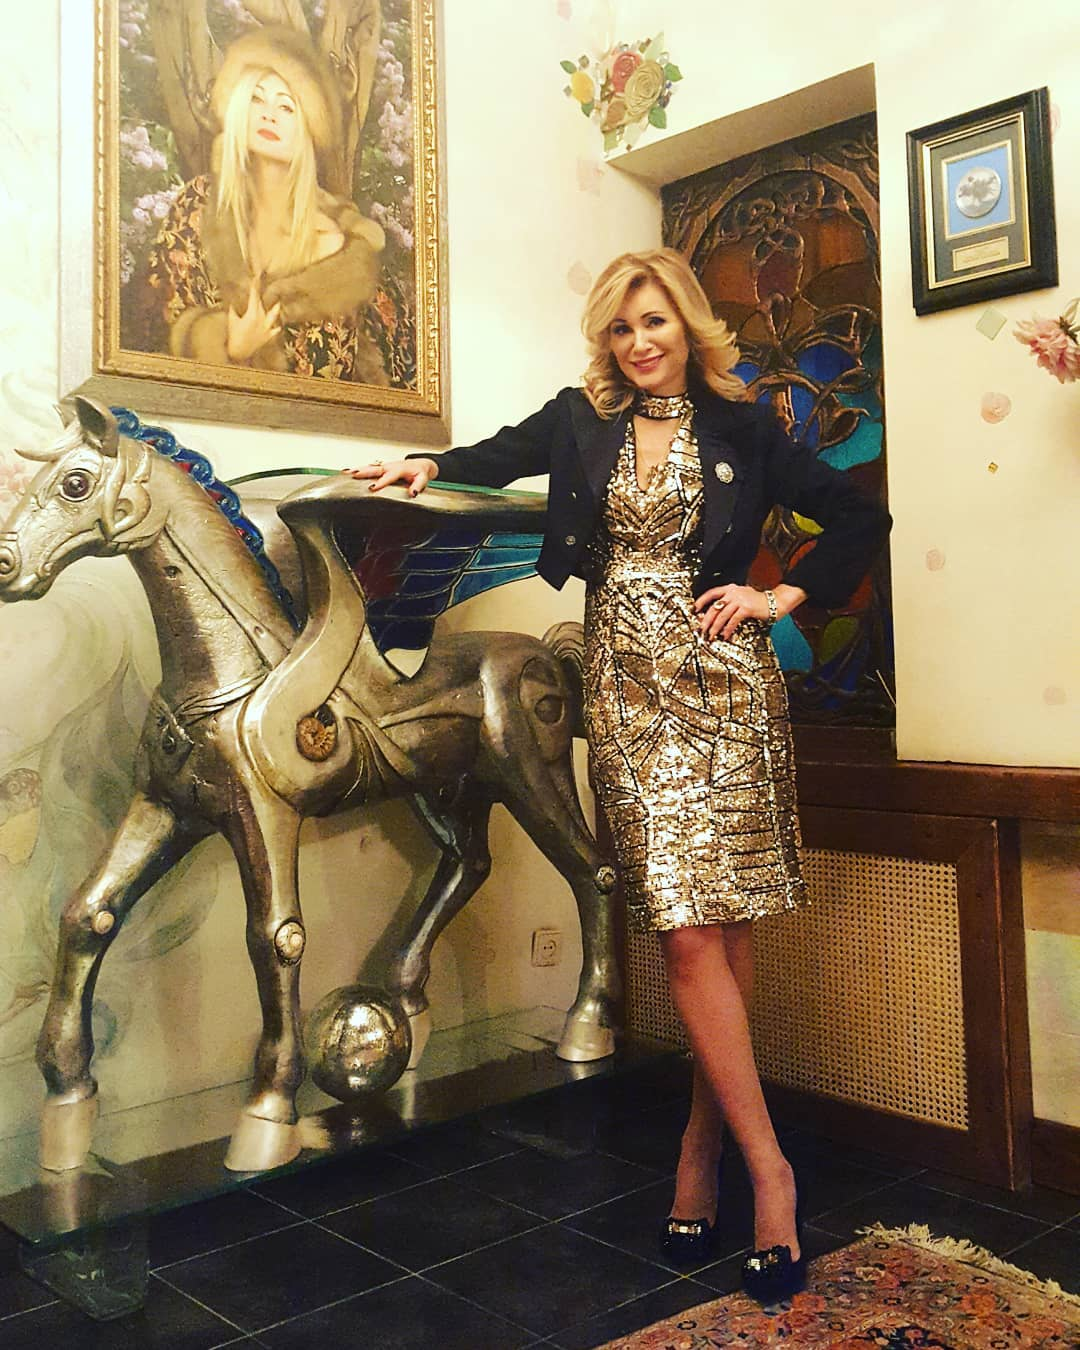 Феноменально помолодевшую Вику Цыганову не пустили в Кремль, перепутав с Марией Кожевниковой